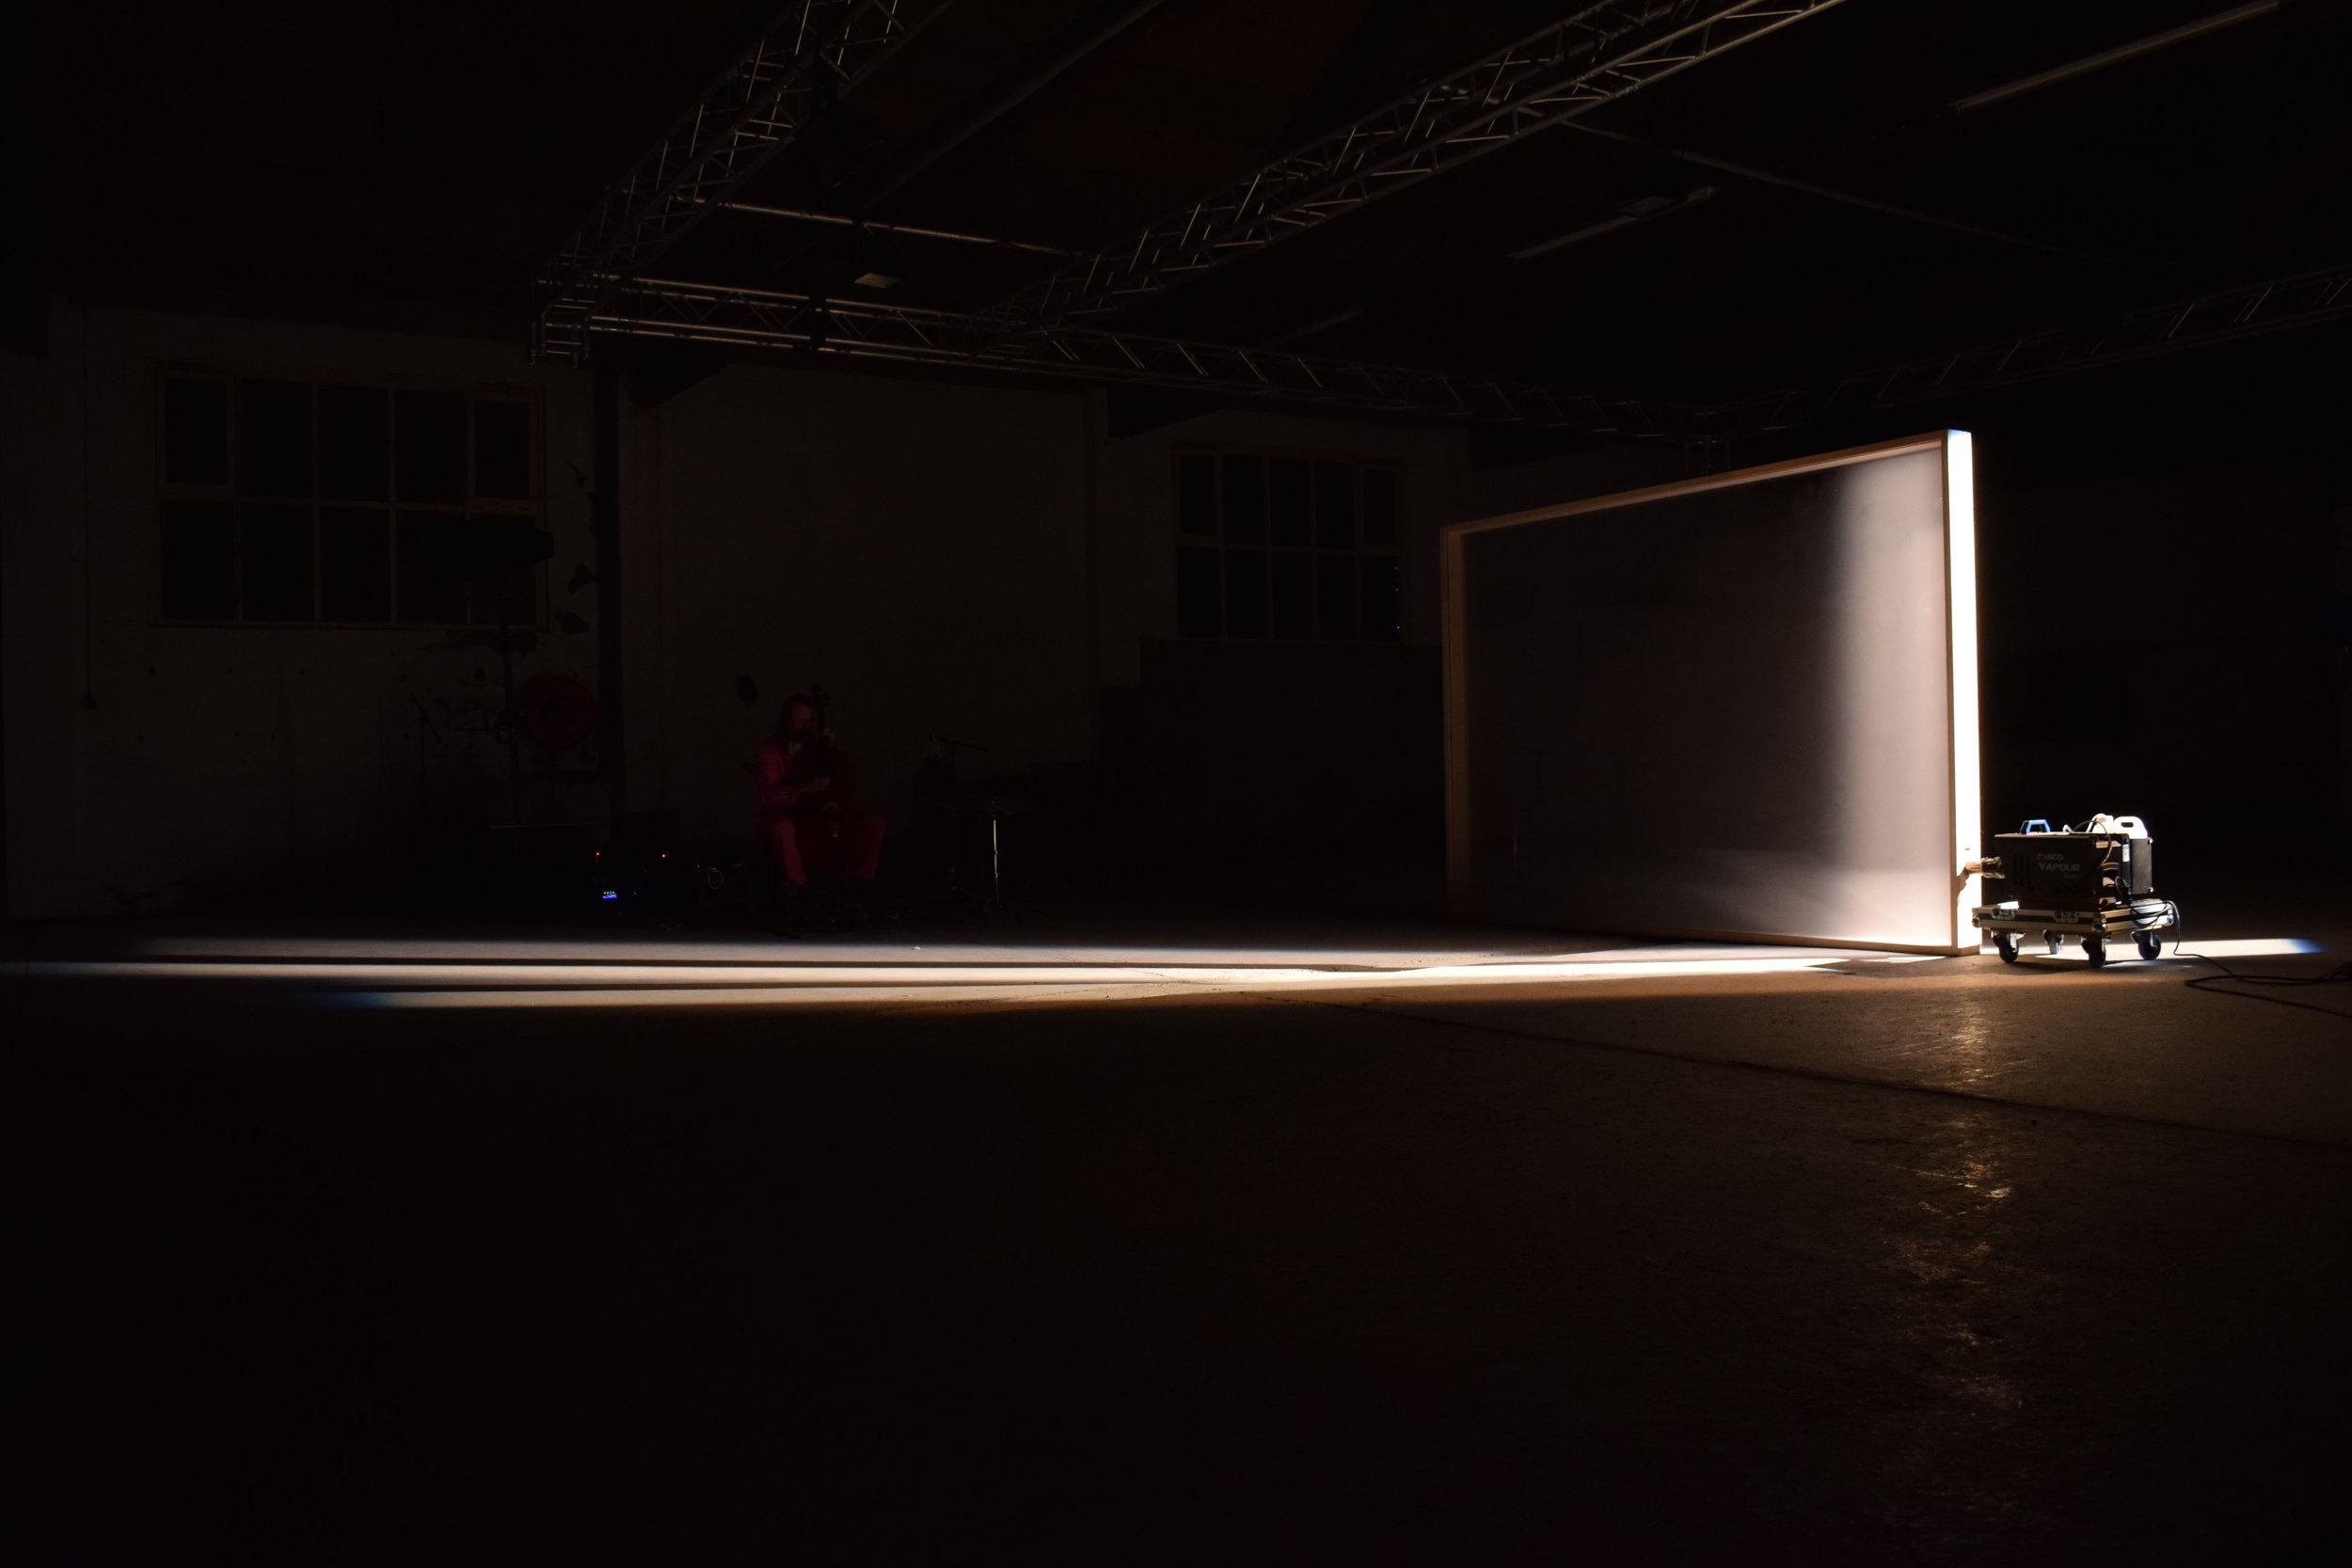 scenefoto FIK. Jan RymenantsDSC_0400.jpg